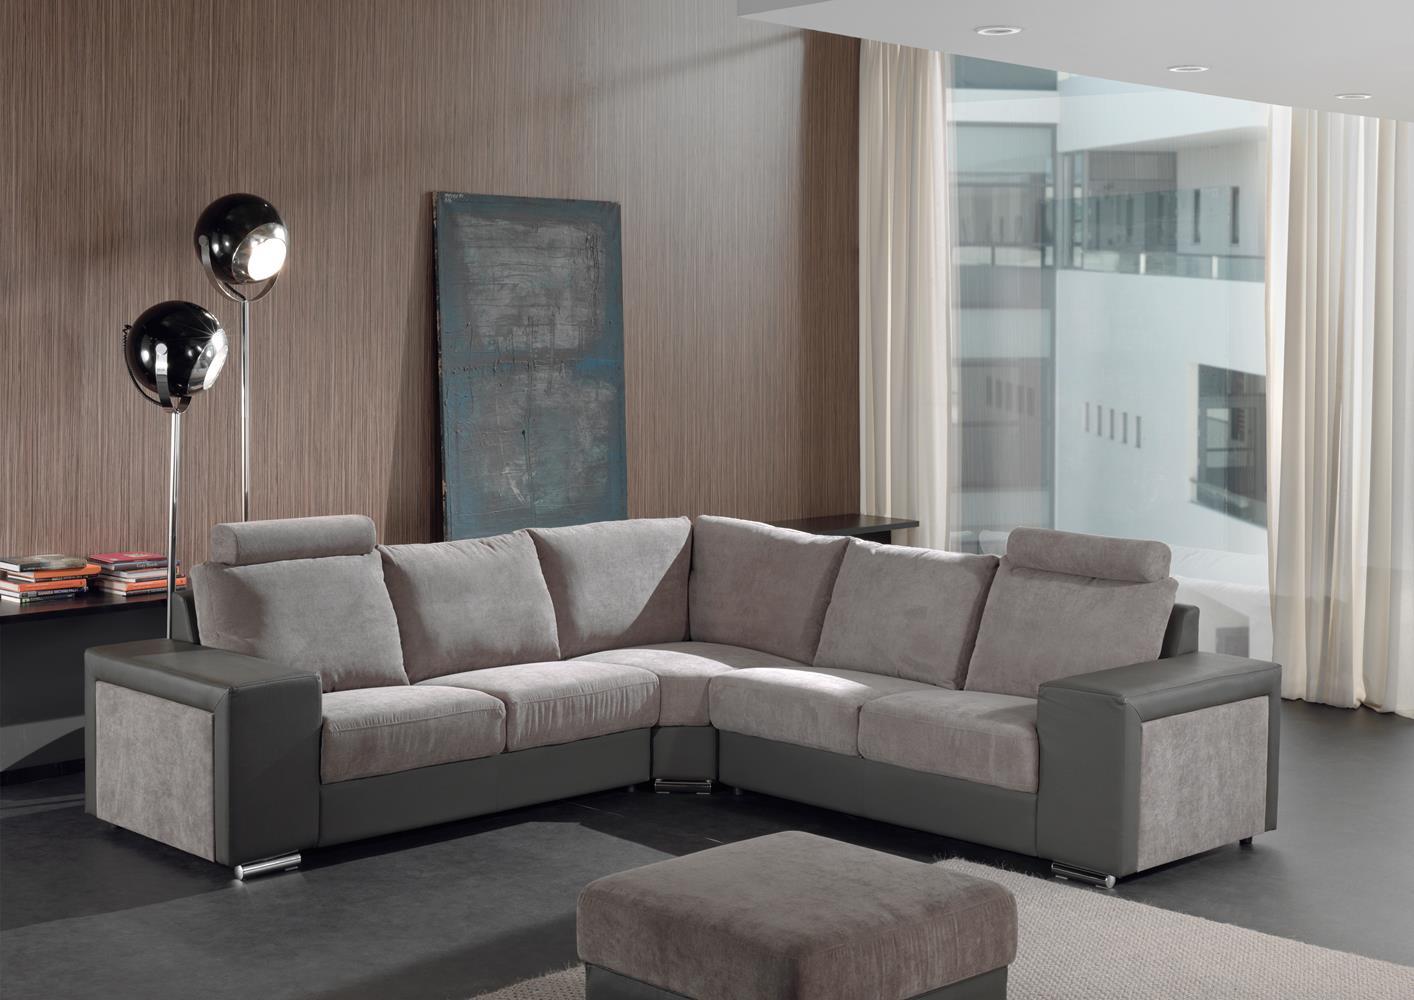 Acheter Canapé D Angle Acheter Votre Canapé D Angle Moderne Bicolor Taupe Et